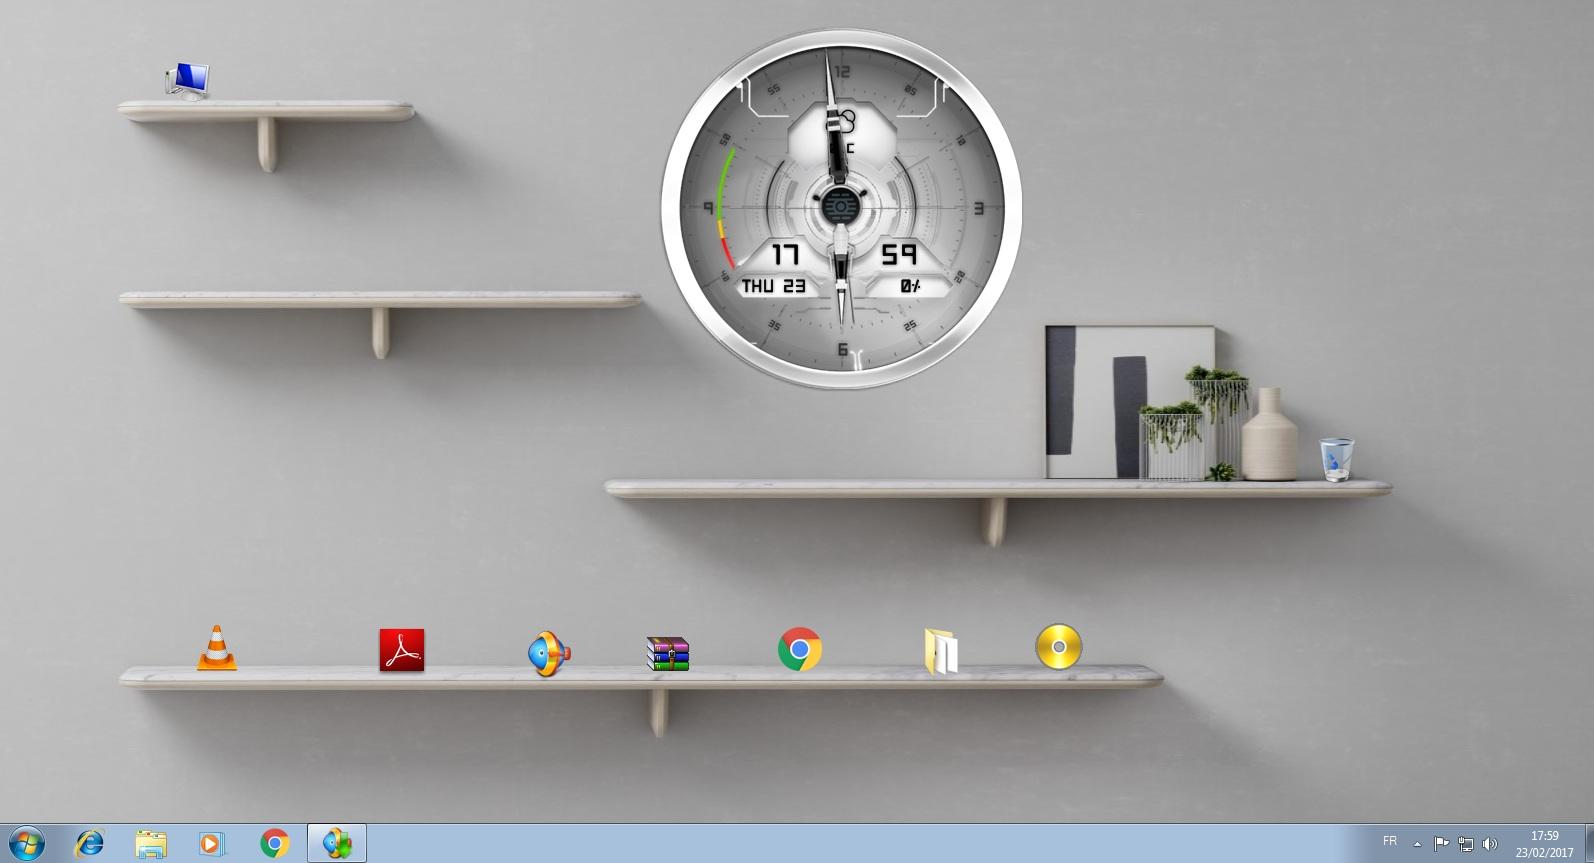 صورة اجعل سطح المكتب لديك جميل ومنظم بخلفيات 3D